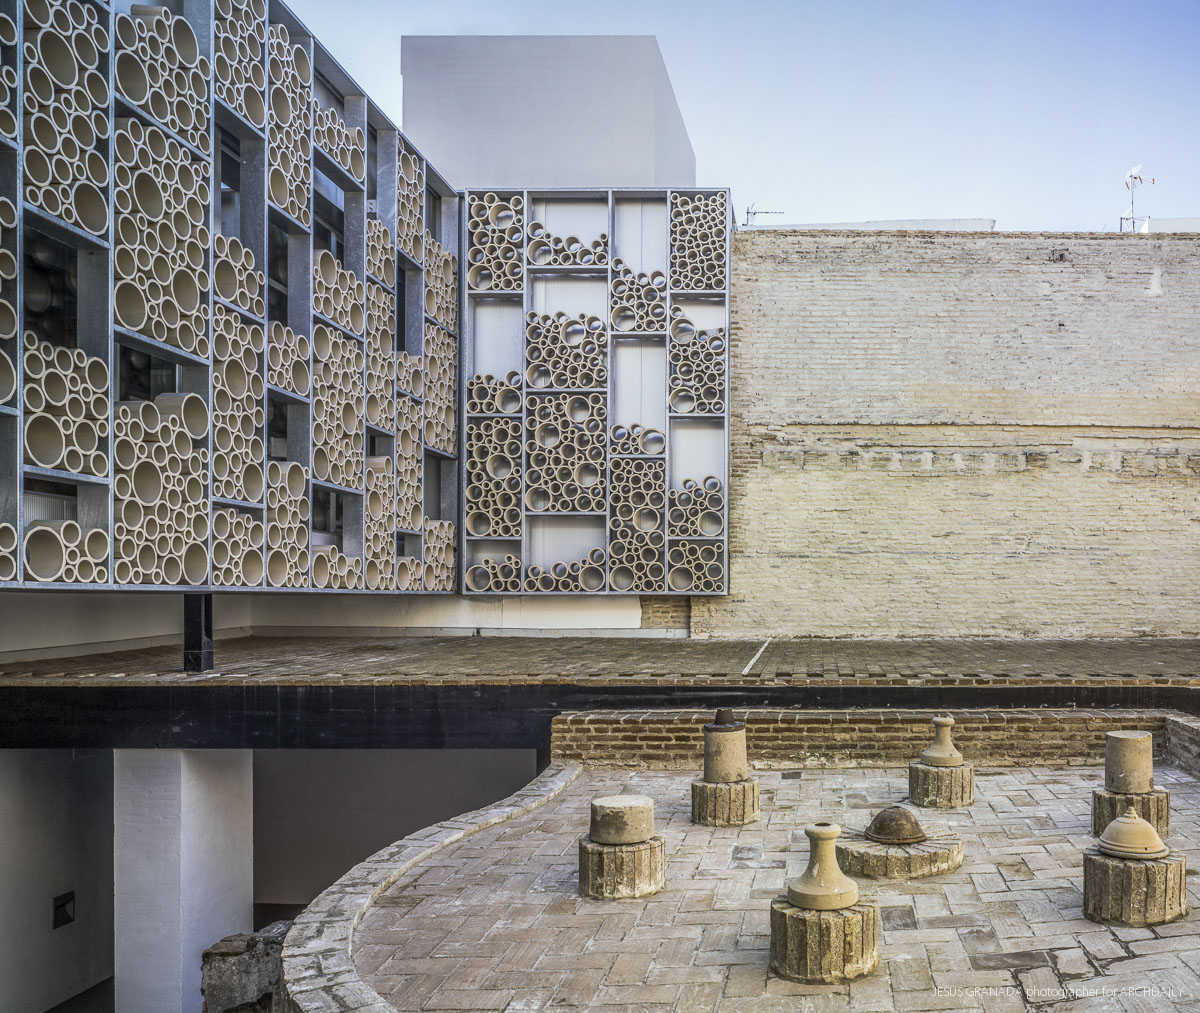 建筑室内规划景观园林艺术家具特里亚纳陶瓷博物馆